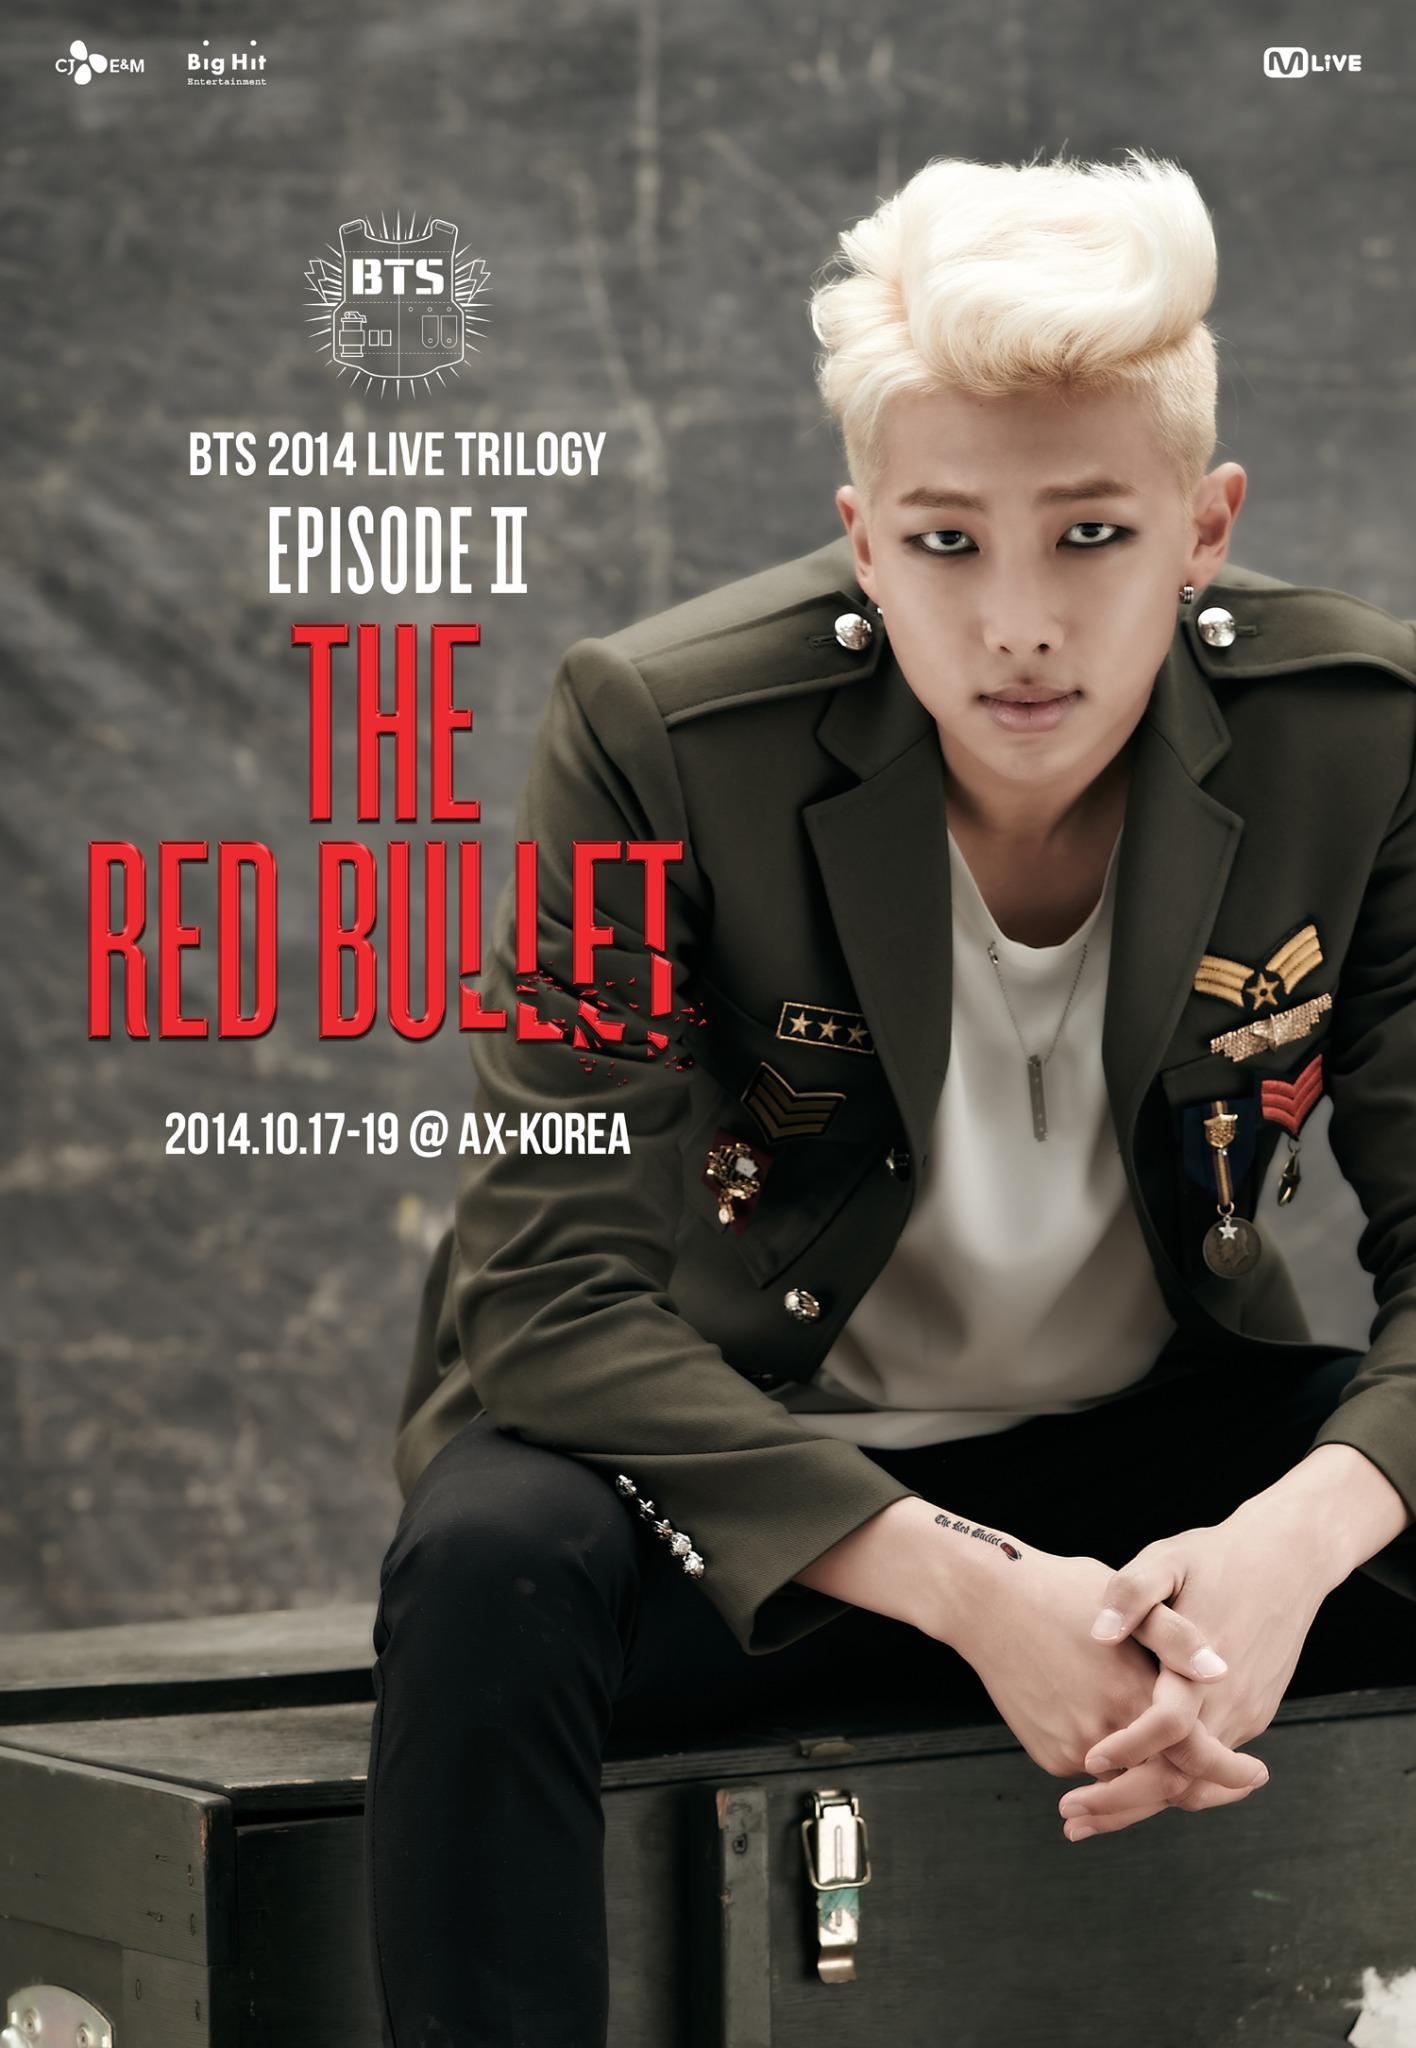 picture  bts 1st concert   bts 2014 live trilogy episode  u2161  the red bullet  140916